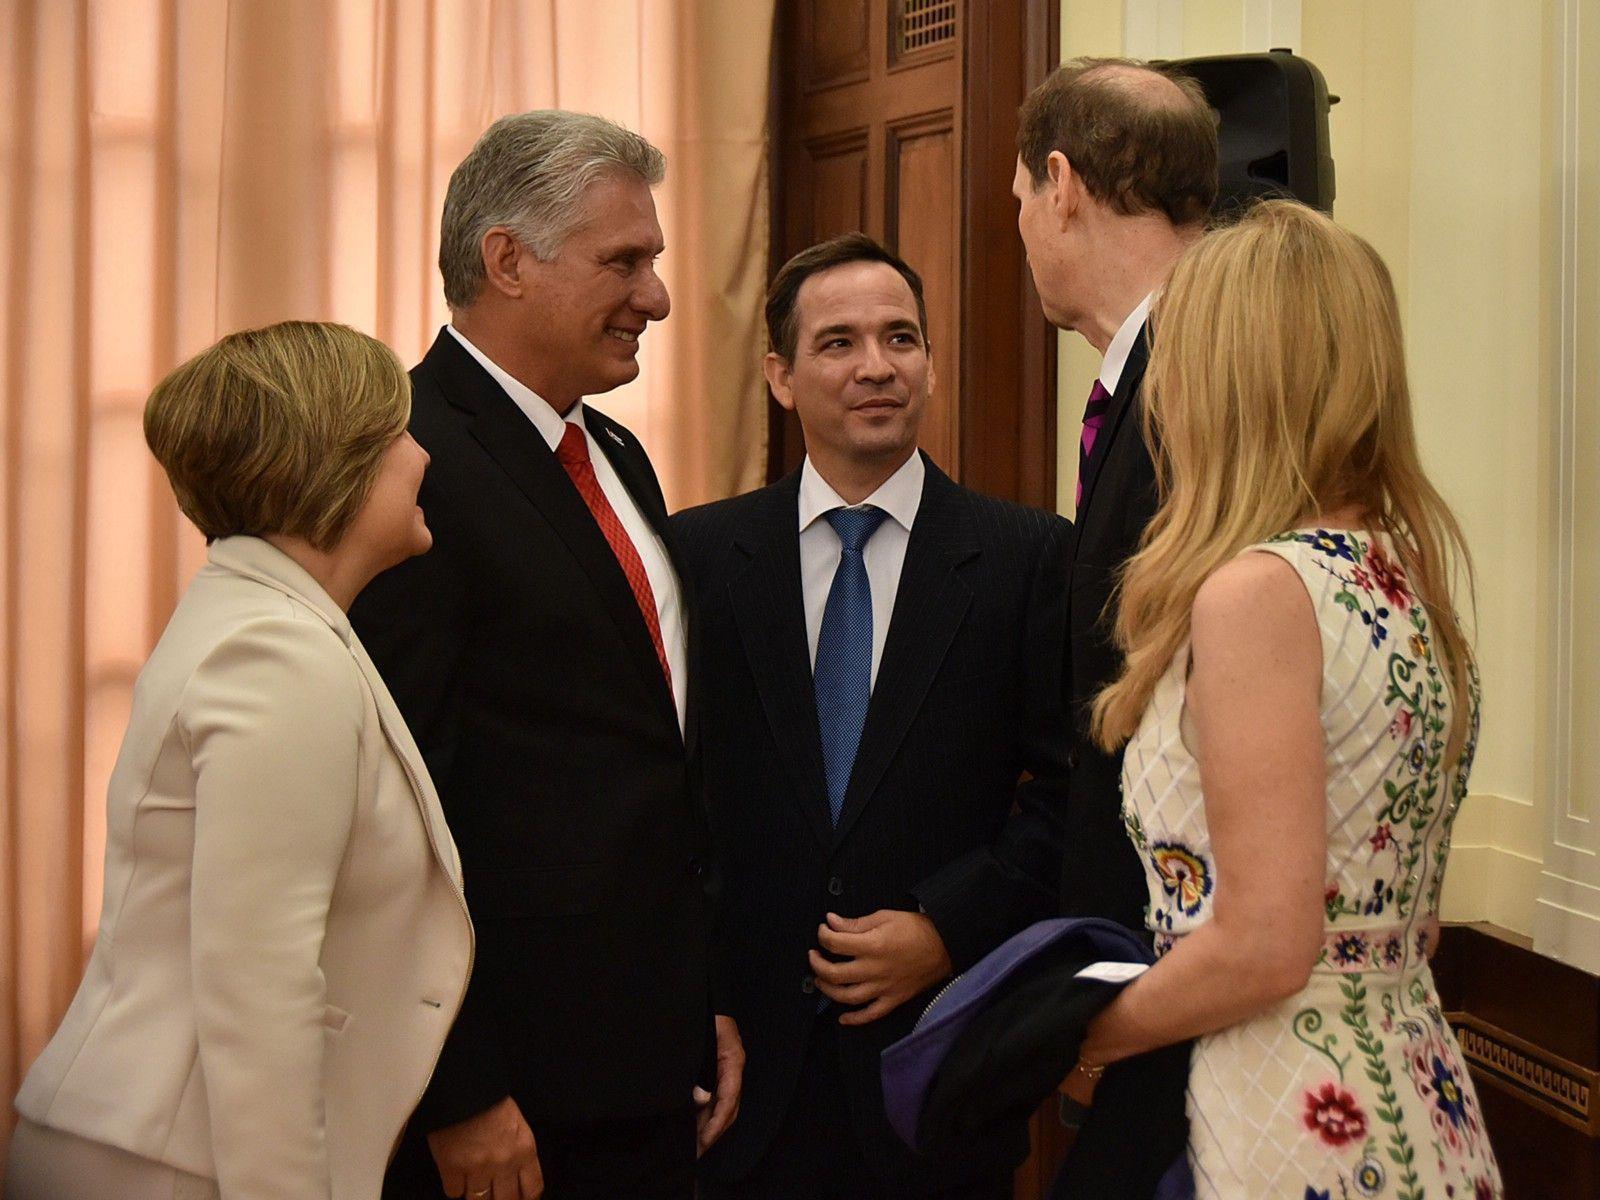 El próximo Congreso estadounidense tiene oportunidad de mejorar relaciones con Cuba, aseguran legisladores a Díaz-Canel